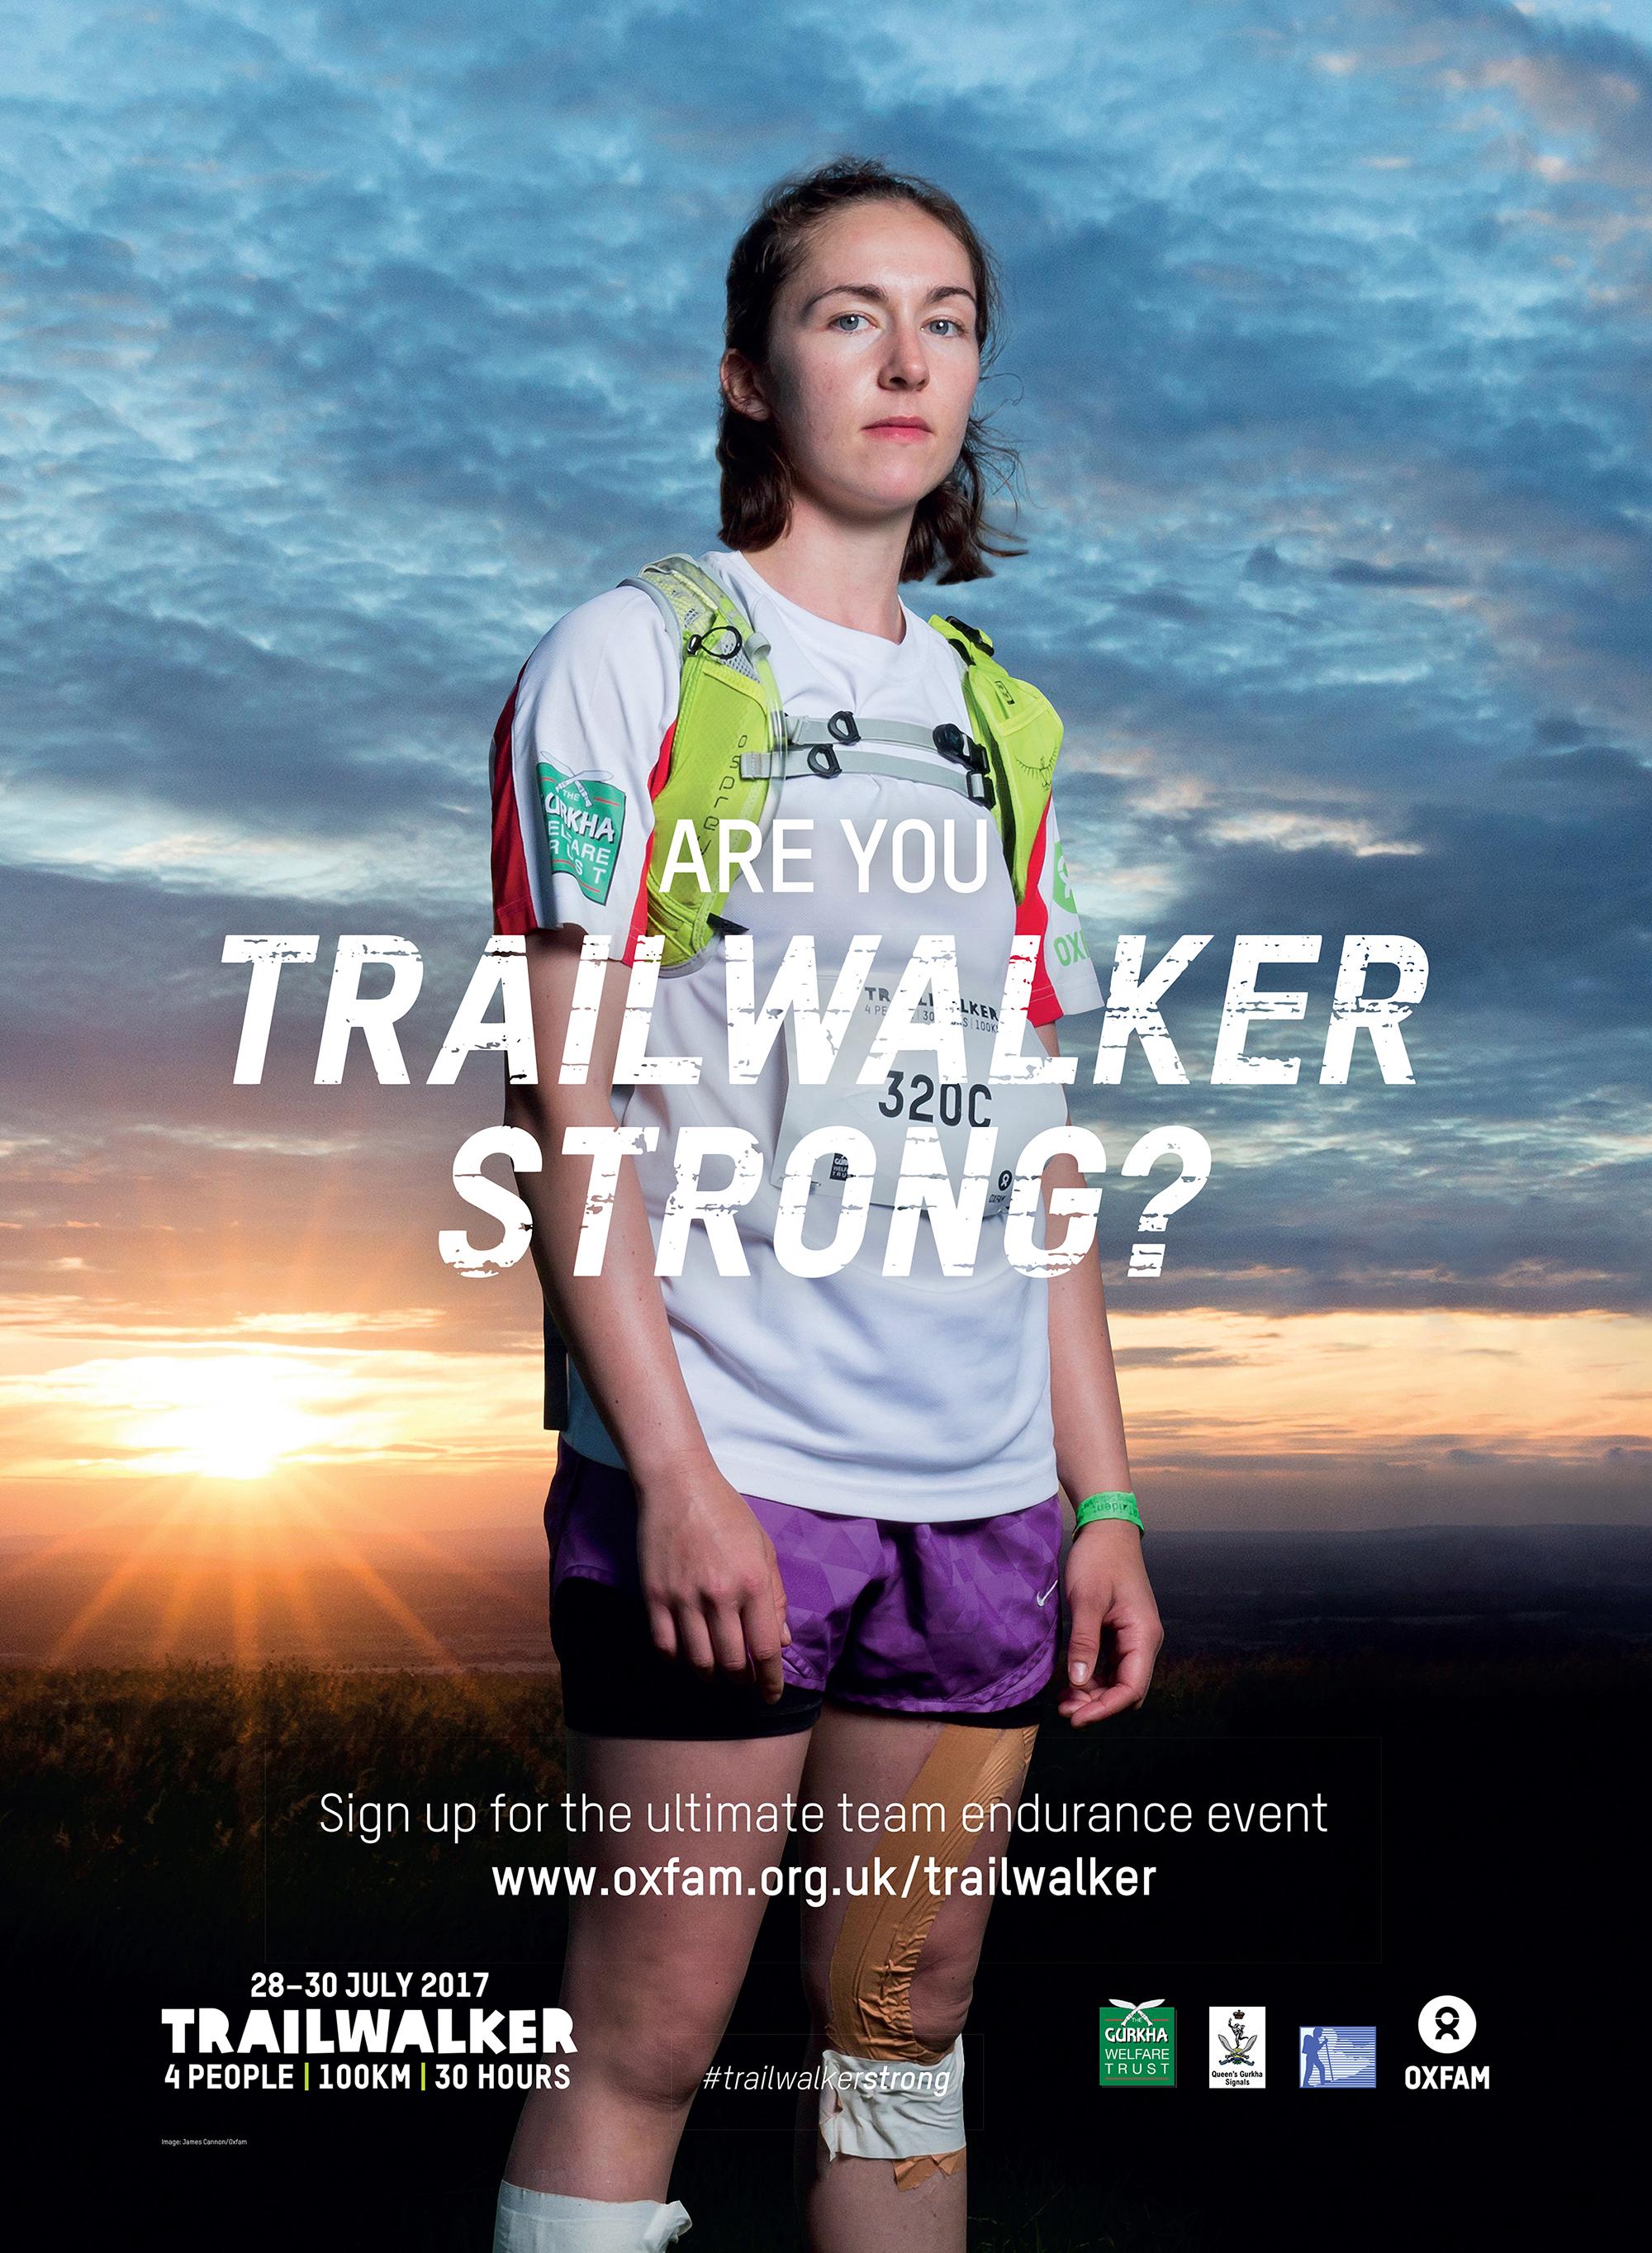 Social_7179_Trailwalker_LEP_419mm_x_572mm-1.jpg